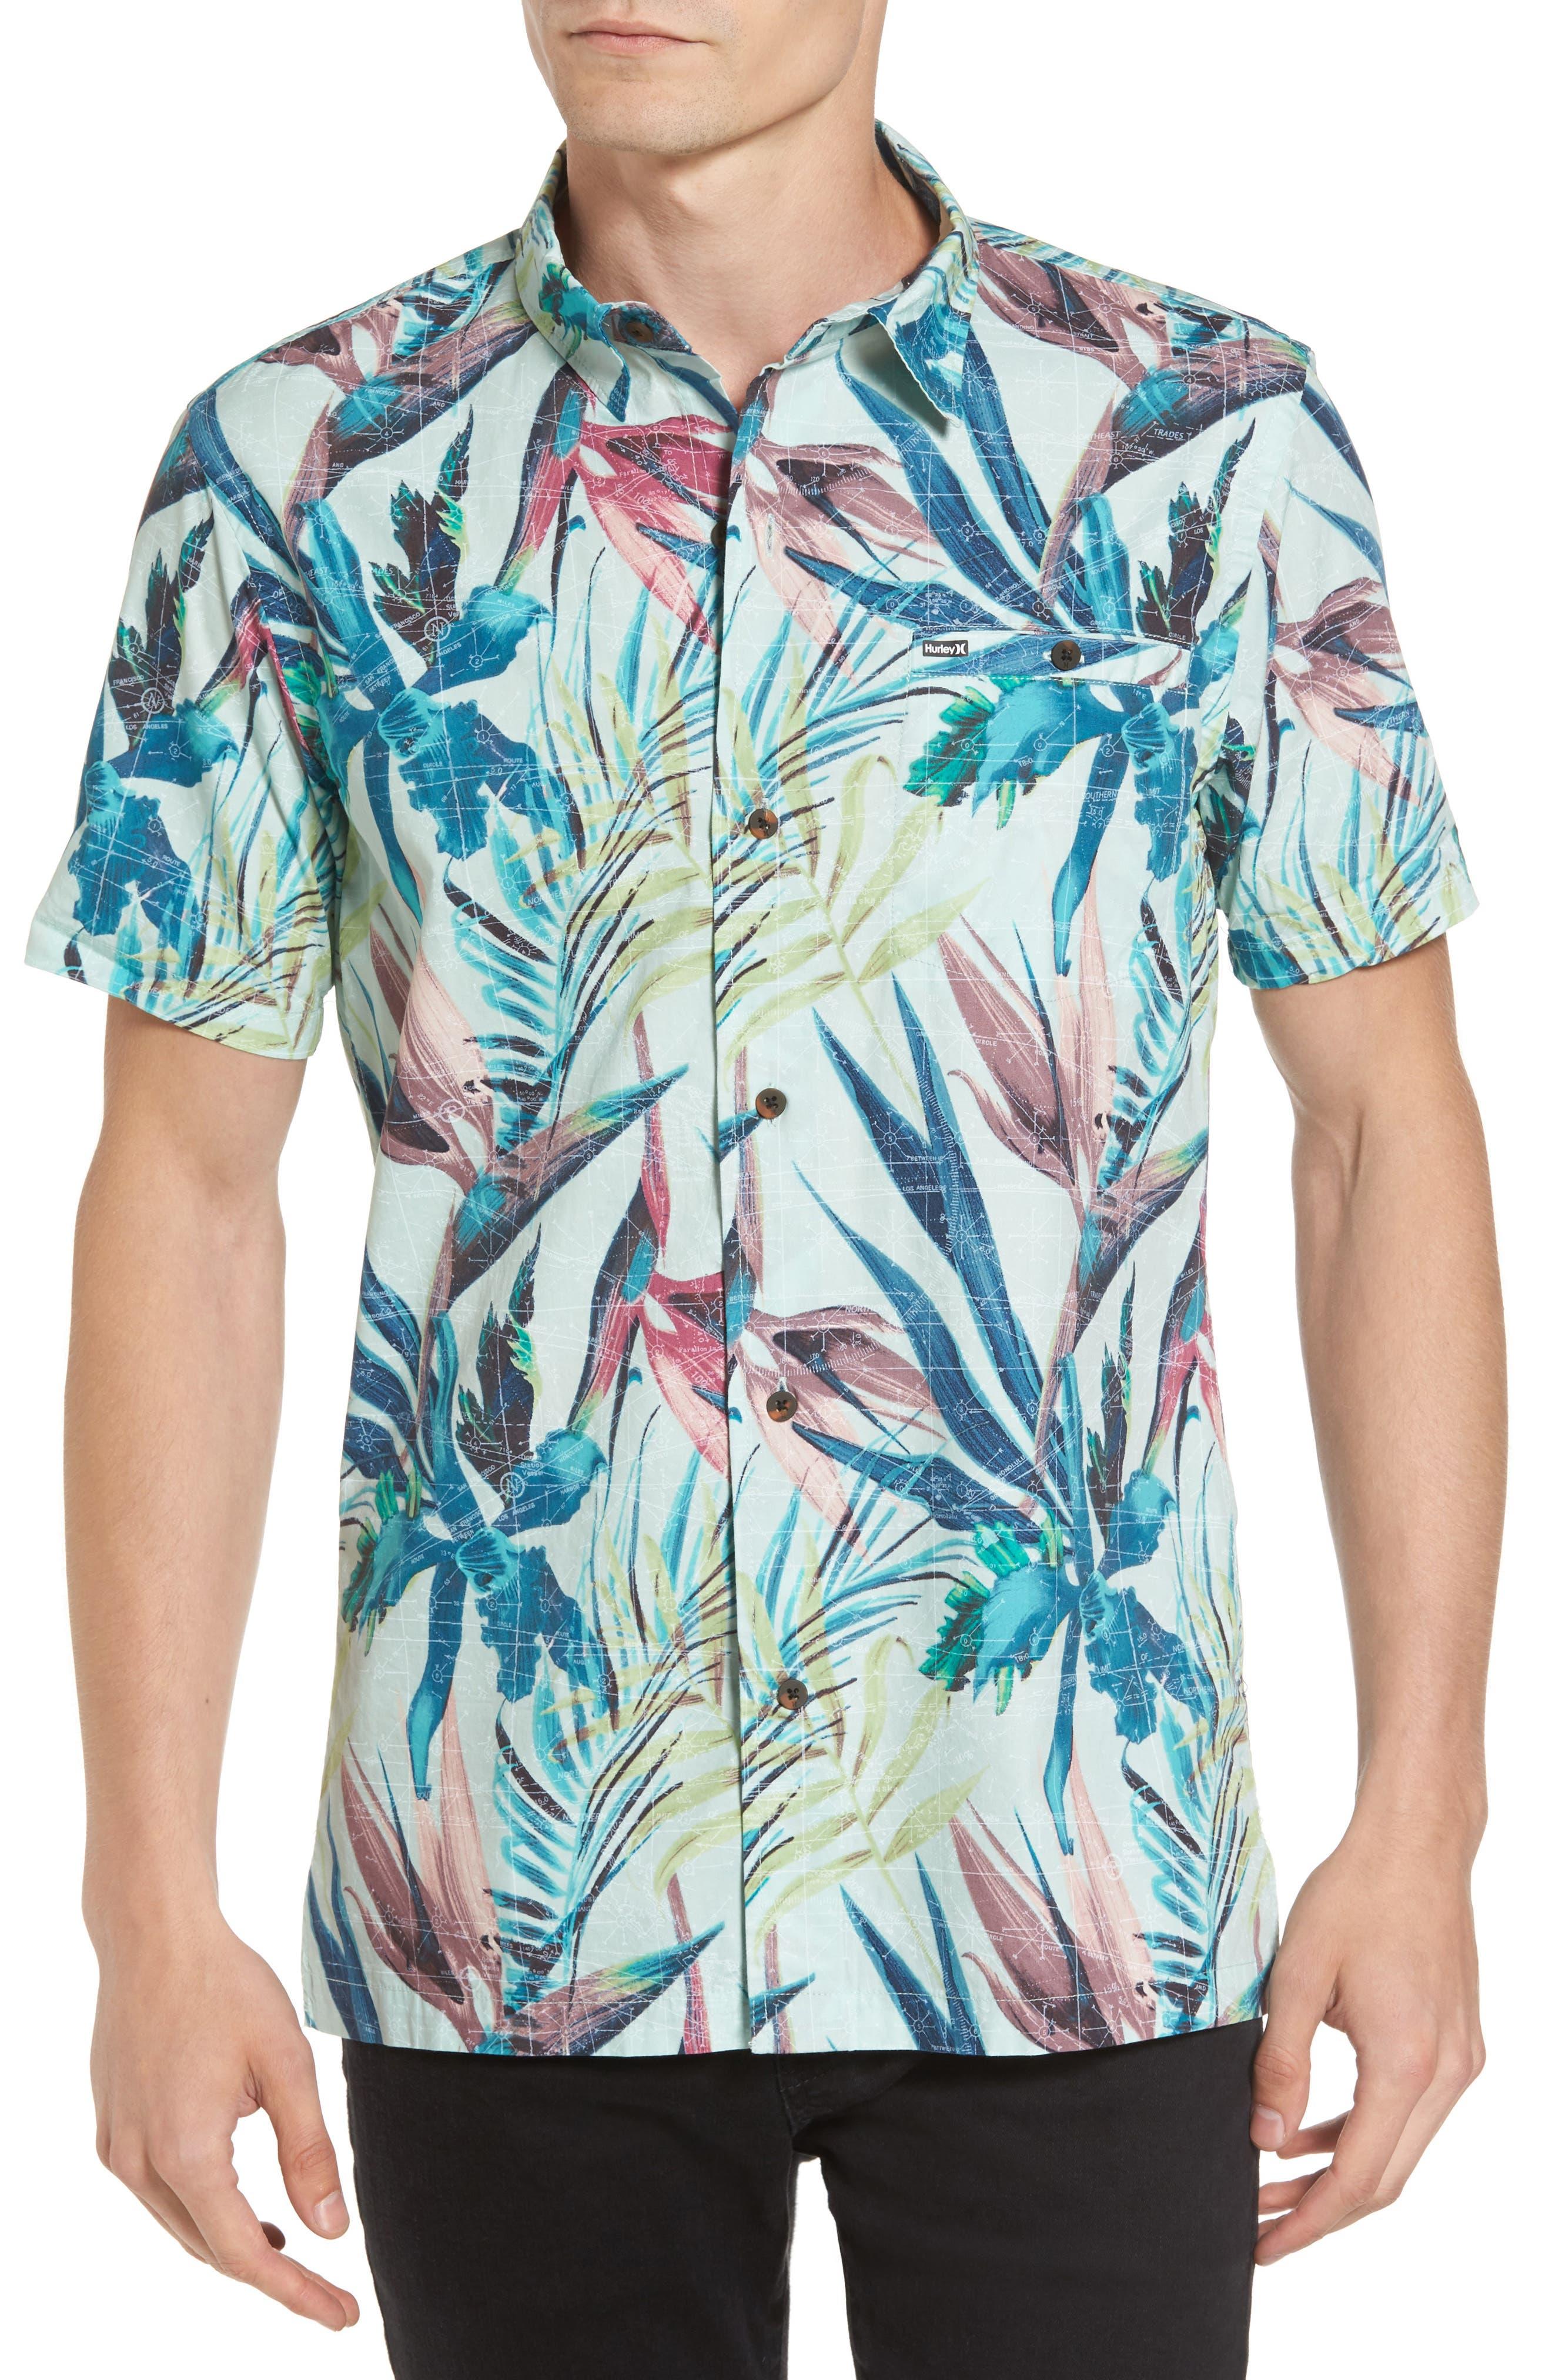 Hurley Maps Woven Shirt